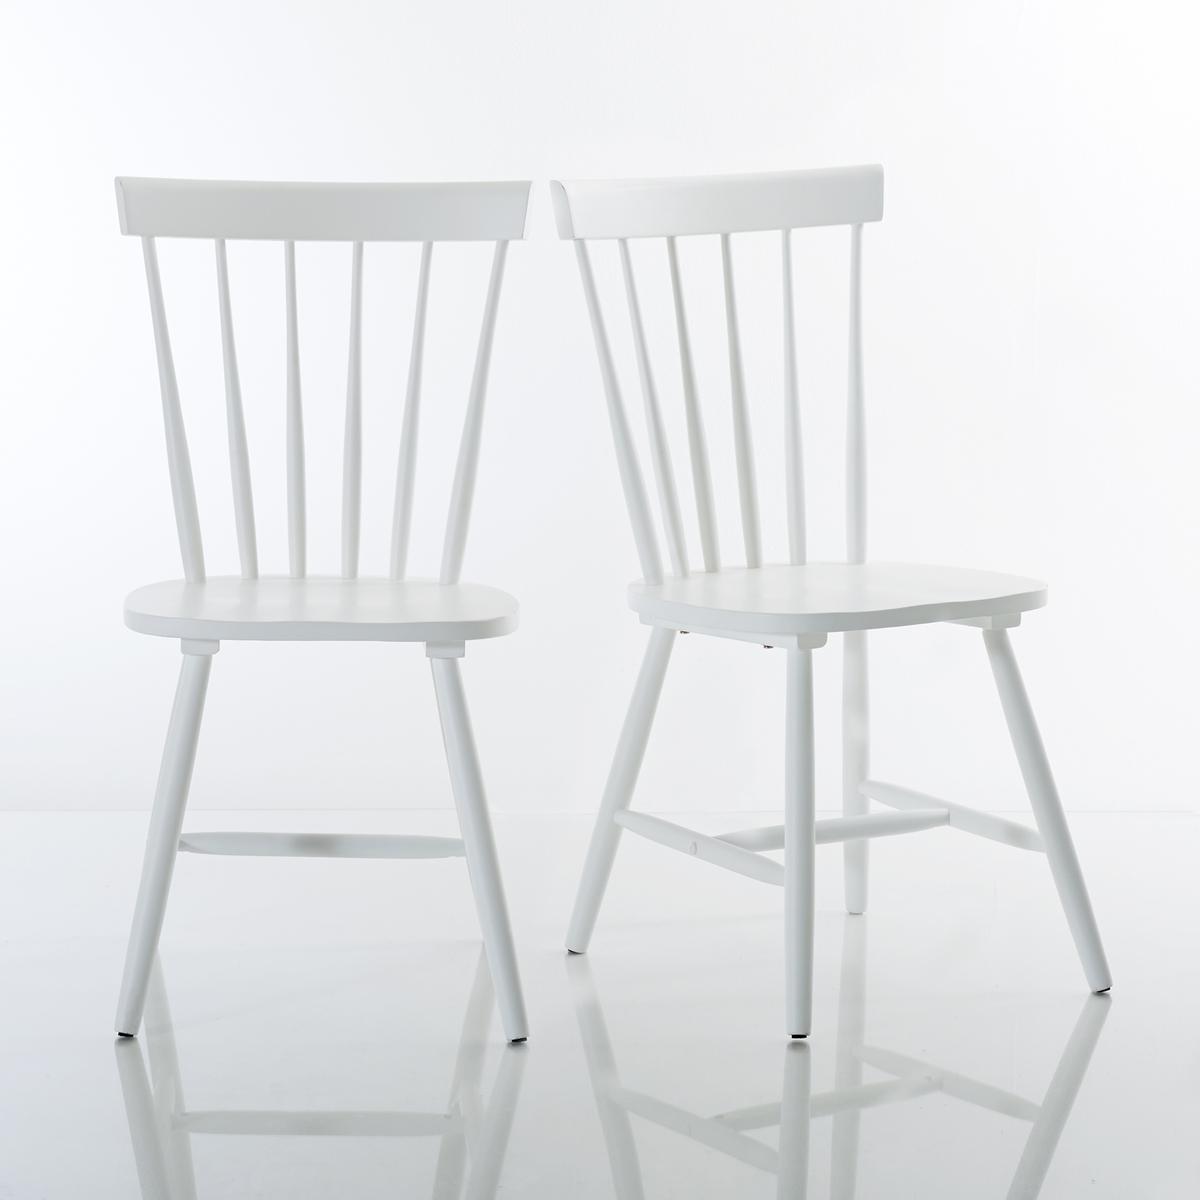 2 стула  с решеткой на спинке из массива гельвеи, Jimi (lot de 2)Характеристики стула с решеткой Jimi :Массив гельвеи НЦ-лак Найдите подходящий стол и другие модели из коллекции Jimi на нашем сайте ..Размеры стула с решеткой Jimi  :Общие :Длина : 48,8 см Высота : 89 см.Глубина : 53,7 см Сиденье :44 x 42,5 см Размер и вес с упаковкой :1 упаковка60 x 49 x 55,5 см 12,9 кг Доставка :Стул с решеткой Jimi продается готовым к установке . Доставка вешалки осуществляется до квартиры !Внимание ! Убедитесь, что посылку возможно доставить на дом, учитывая ее габариты.<br><br>Цвет: белый,зеленый,серо-бежевый,черный